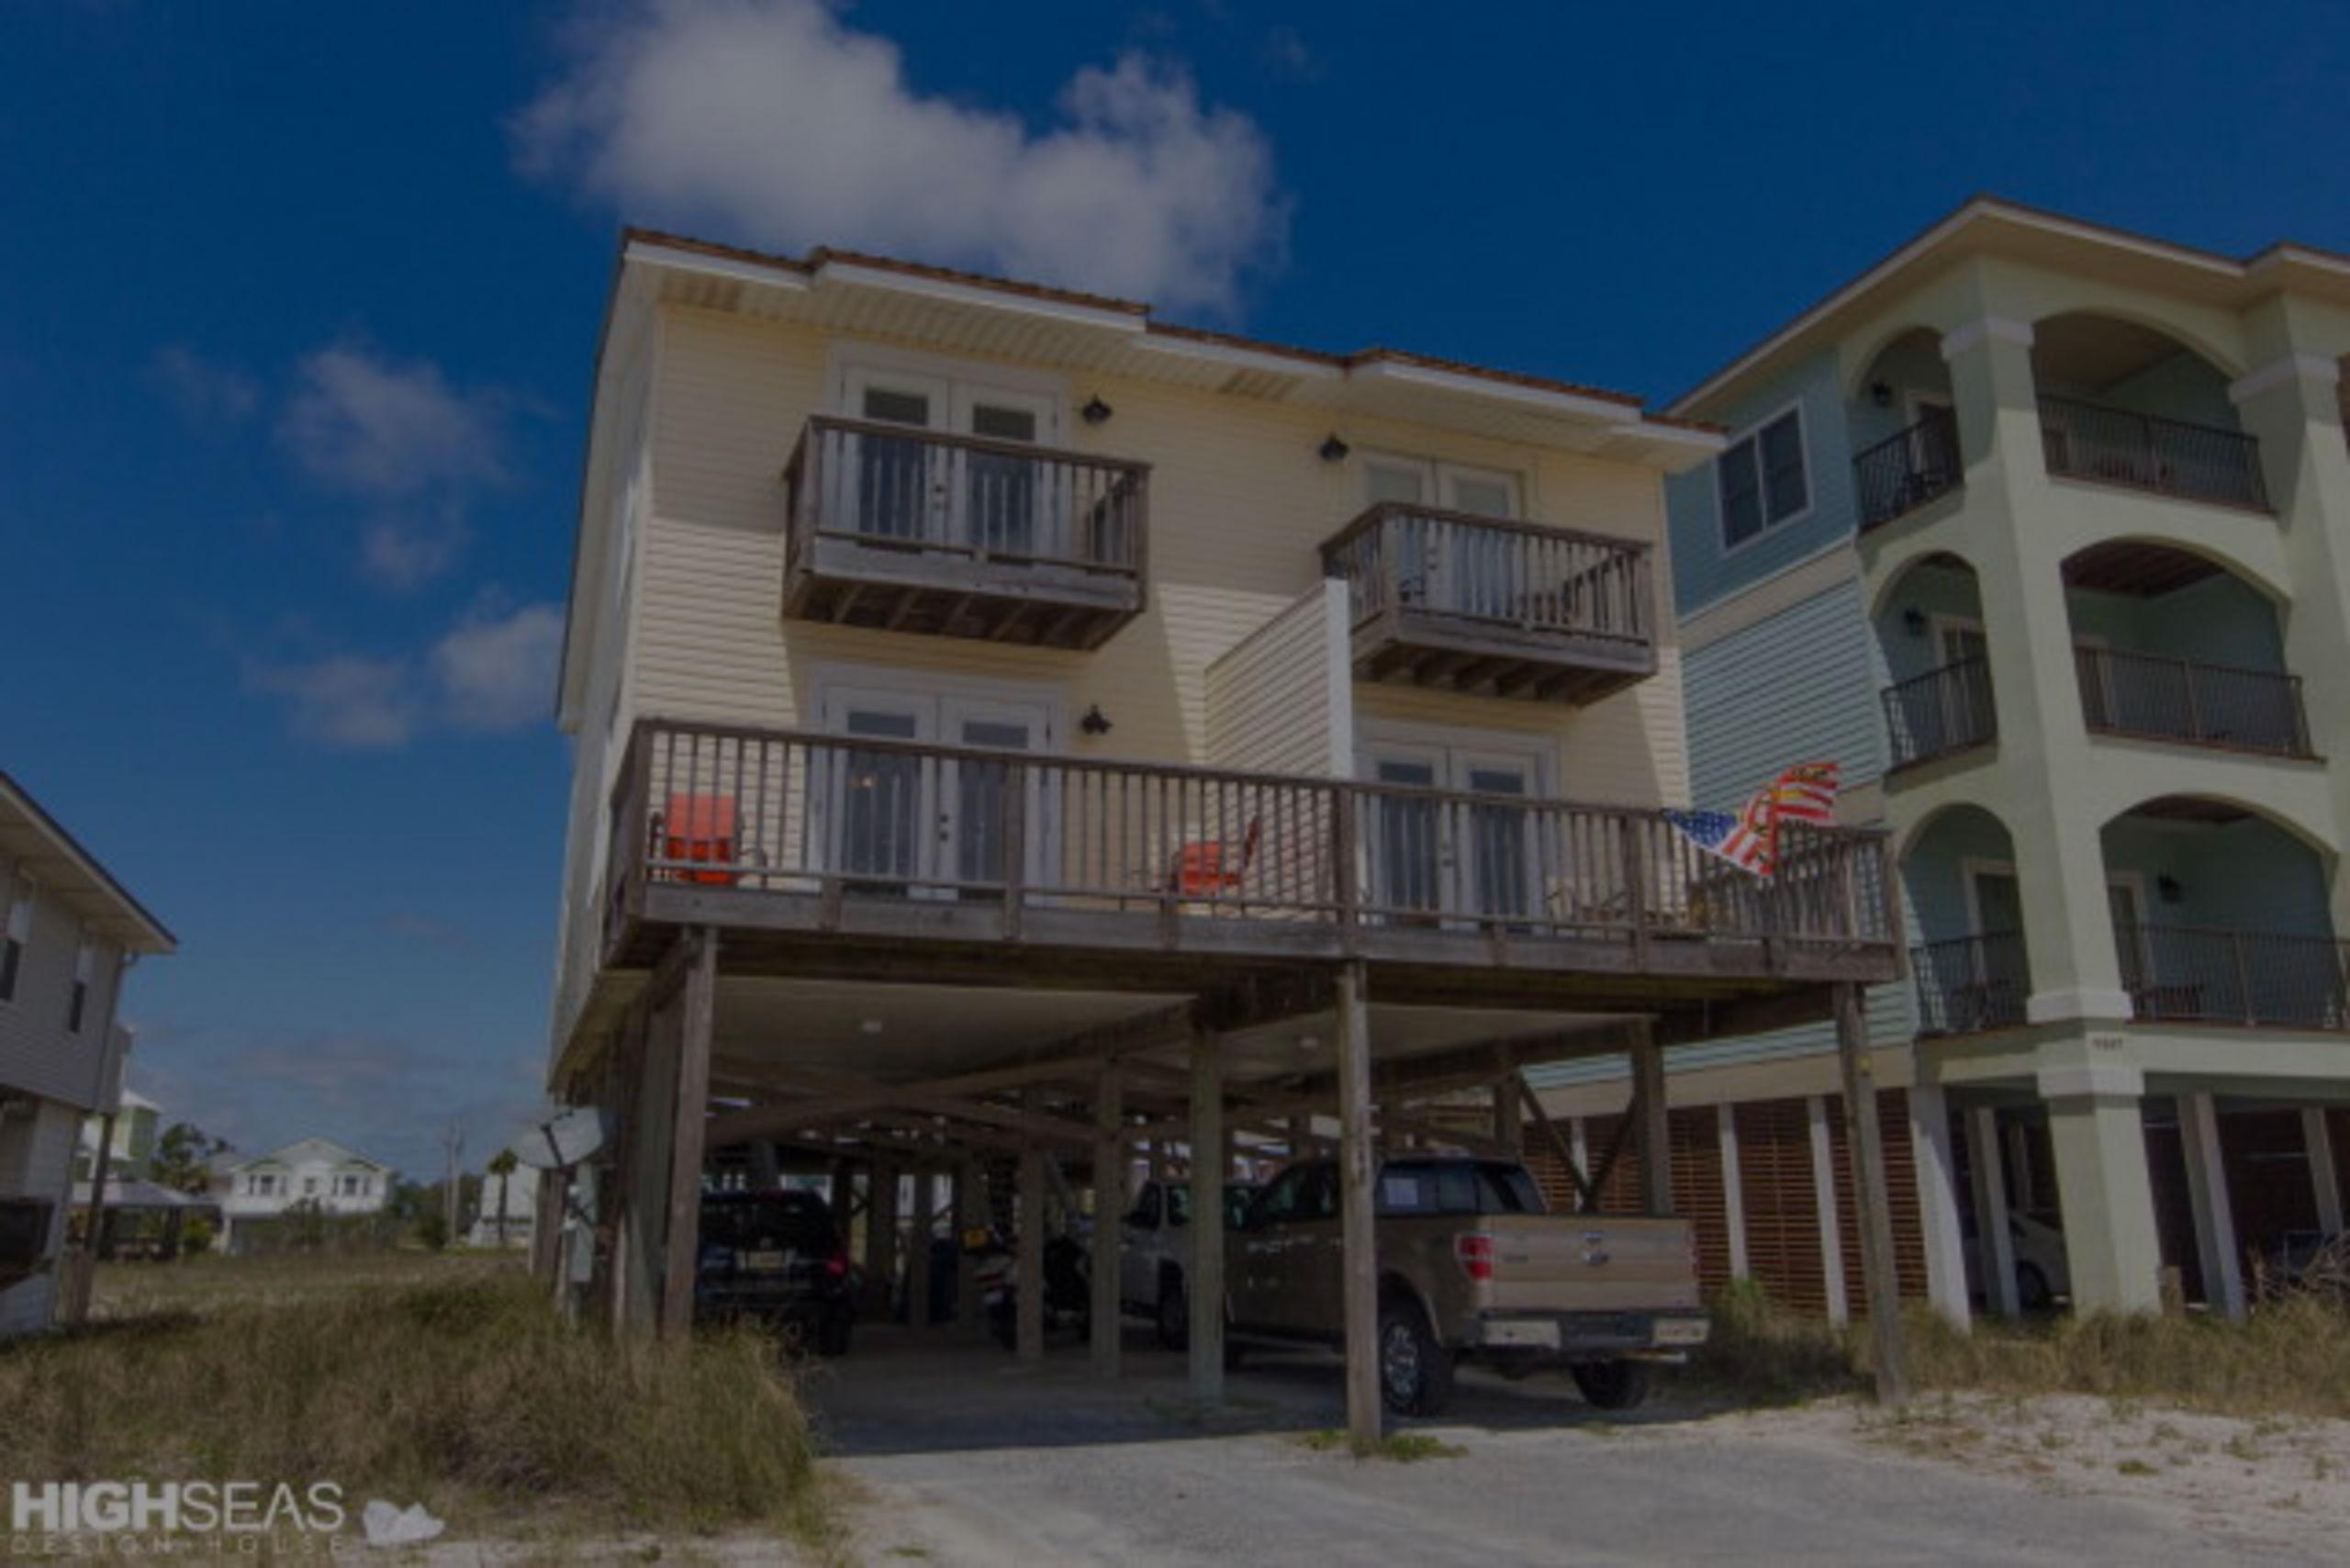 Multi-Family Homes for Sale in Gulf Shores, AL.